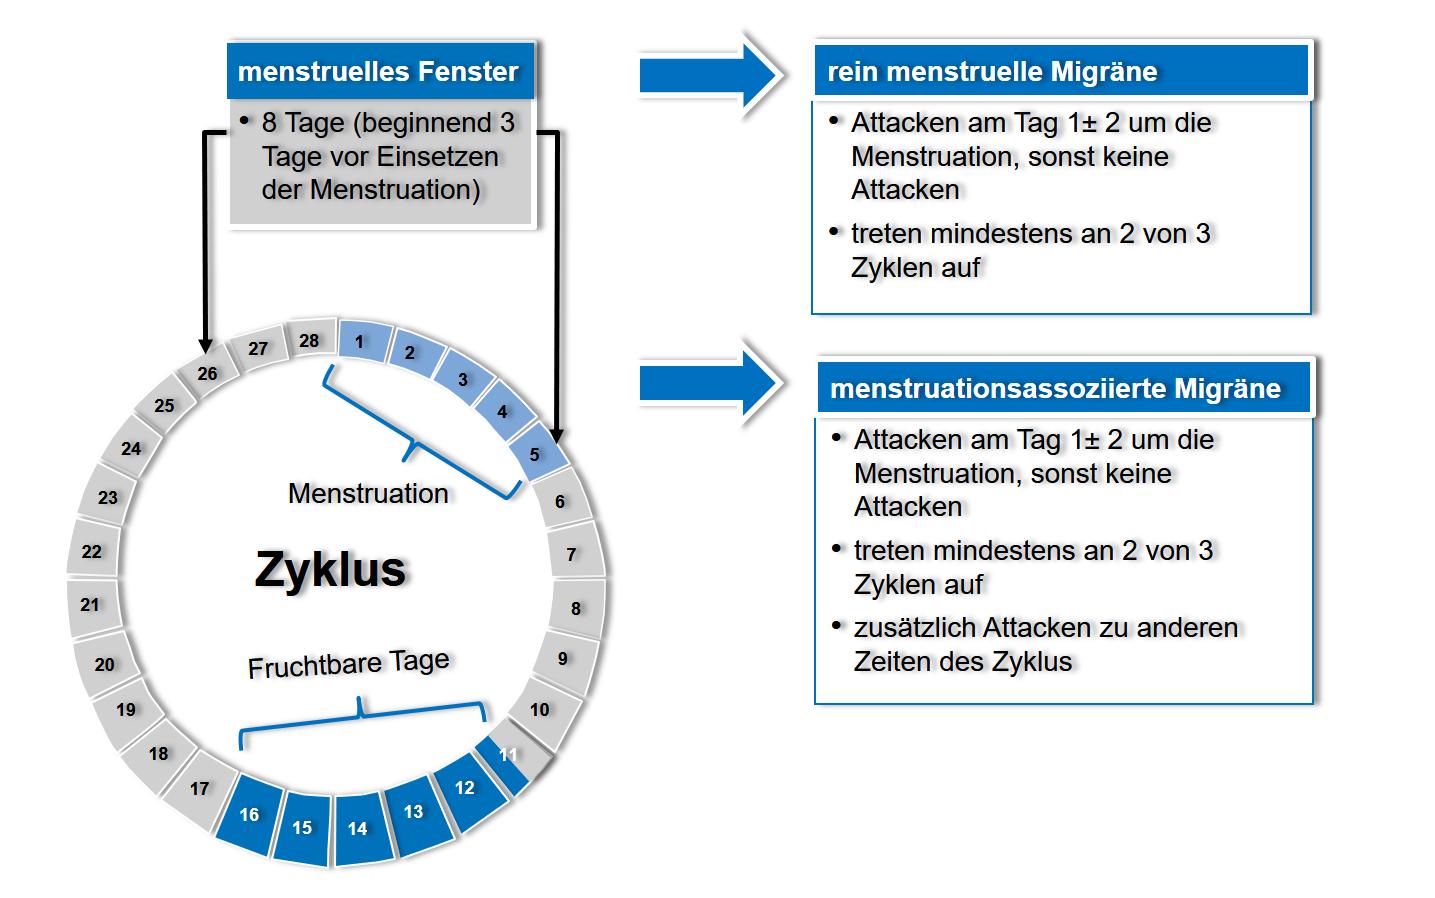 Definition der verschiedenen Formen der menstruellen Migräne